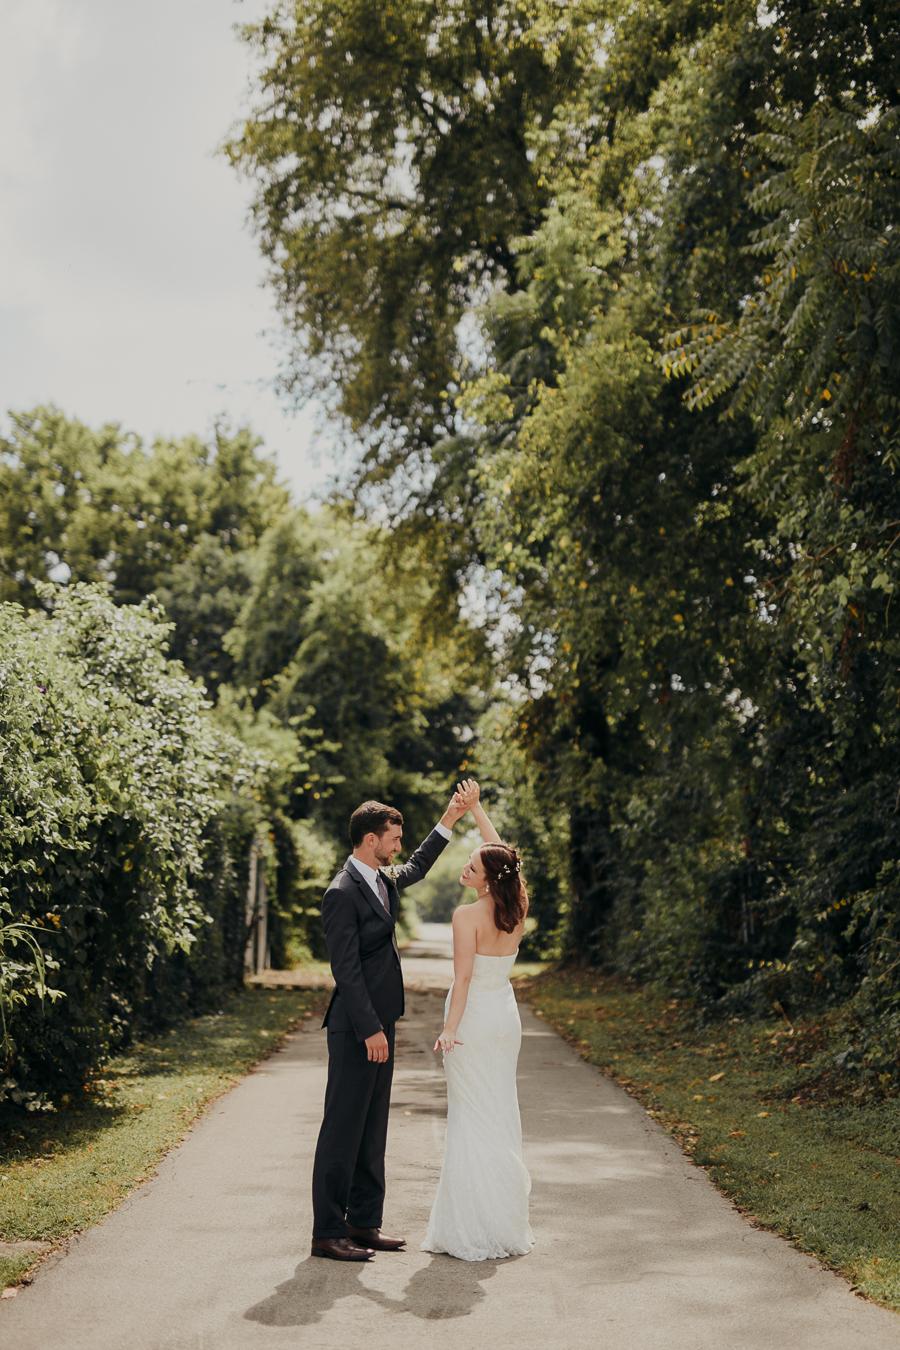 Nashville Wedding Photograpger - Photography Anthology-82.jpg